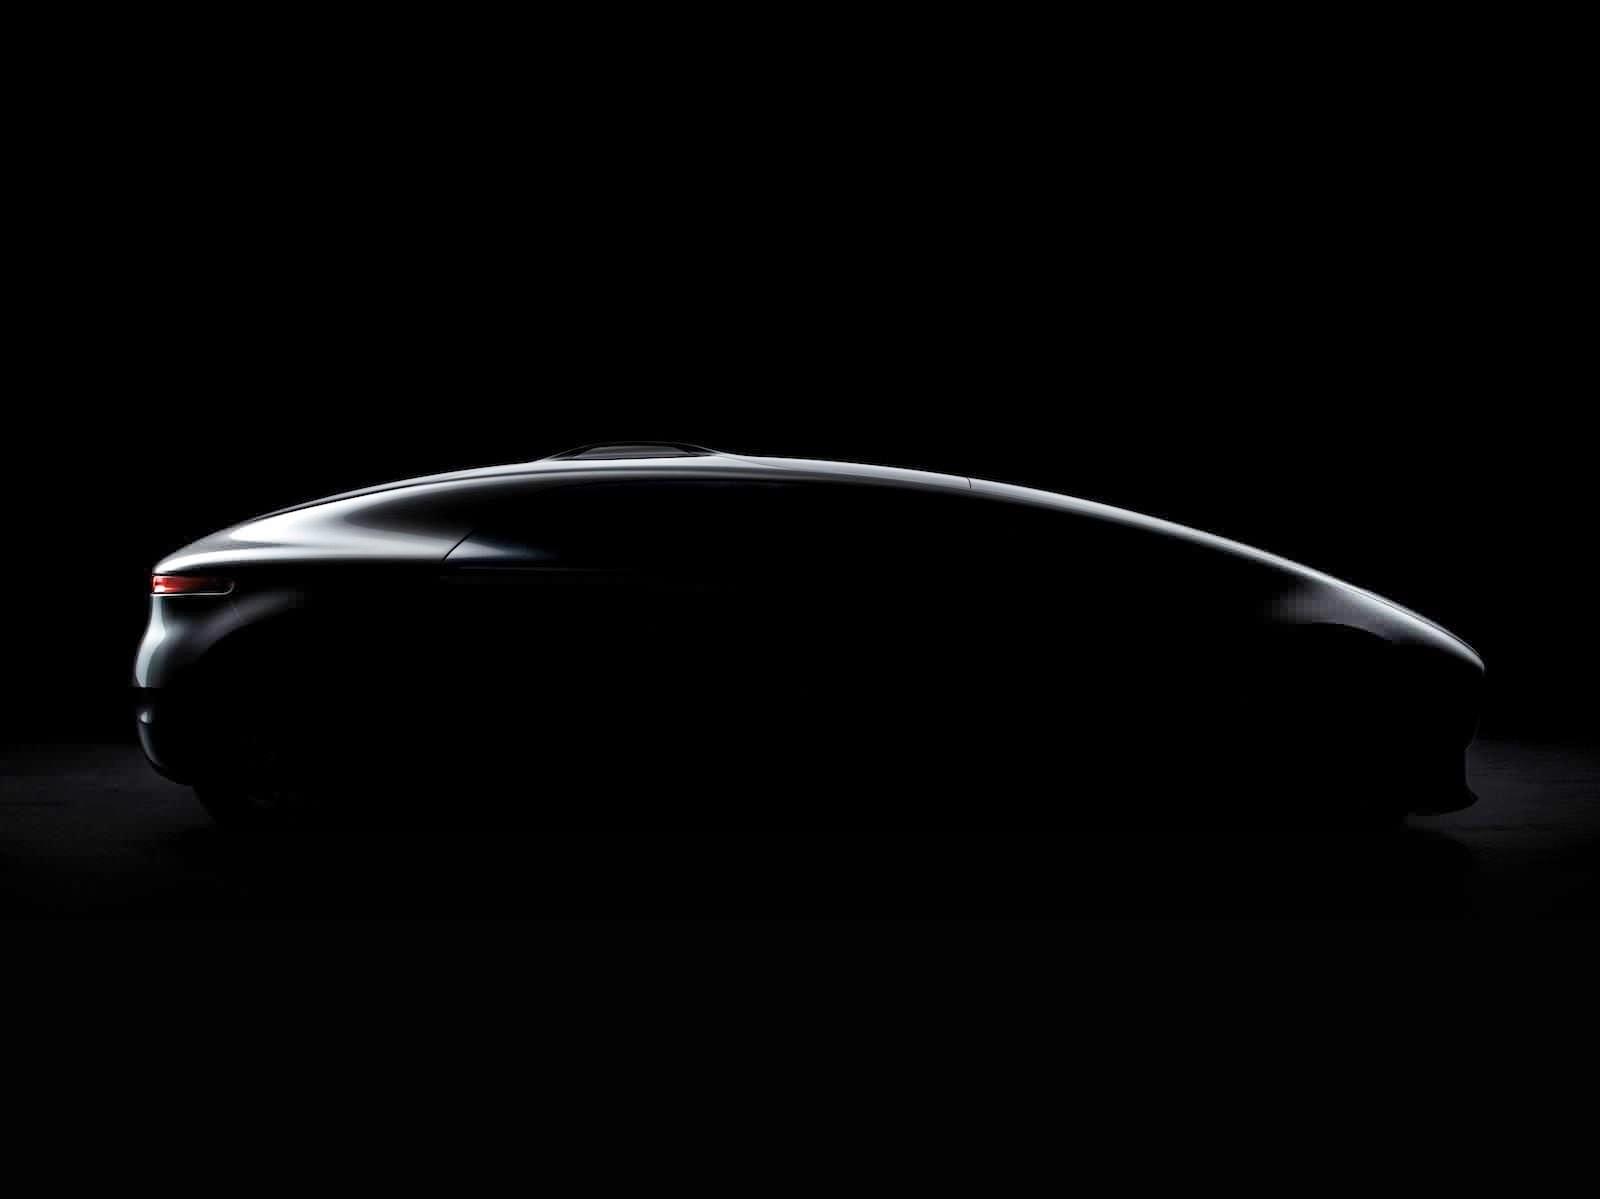 سيارة اختباريه تقود نفسها بنفسها من صنع شركة مرسيدس